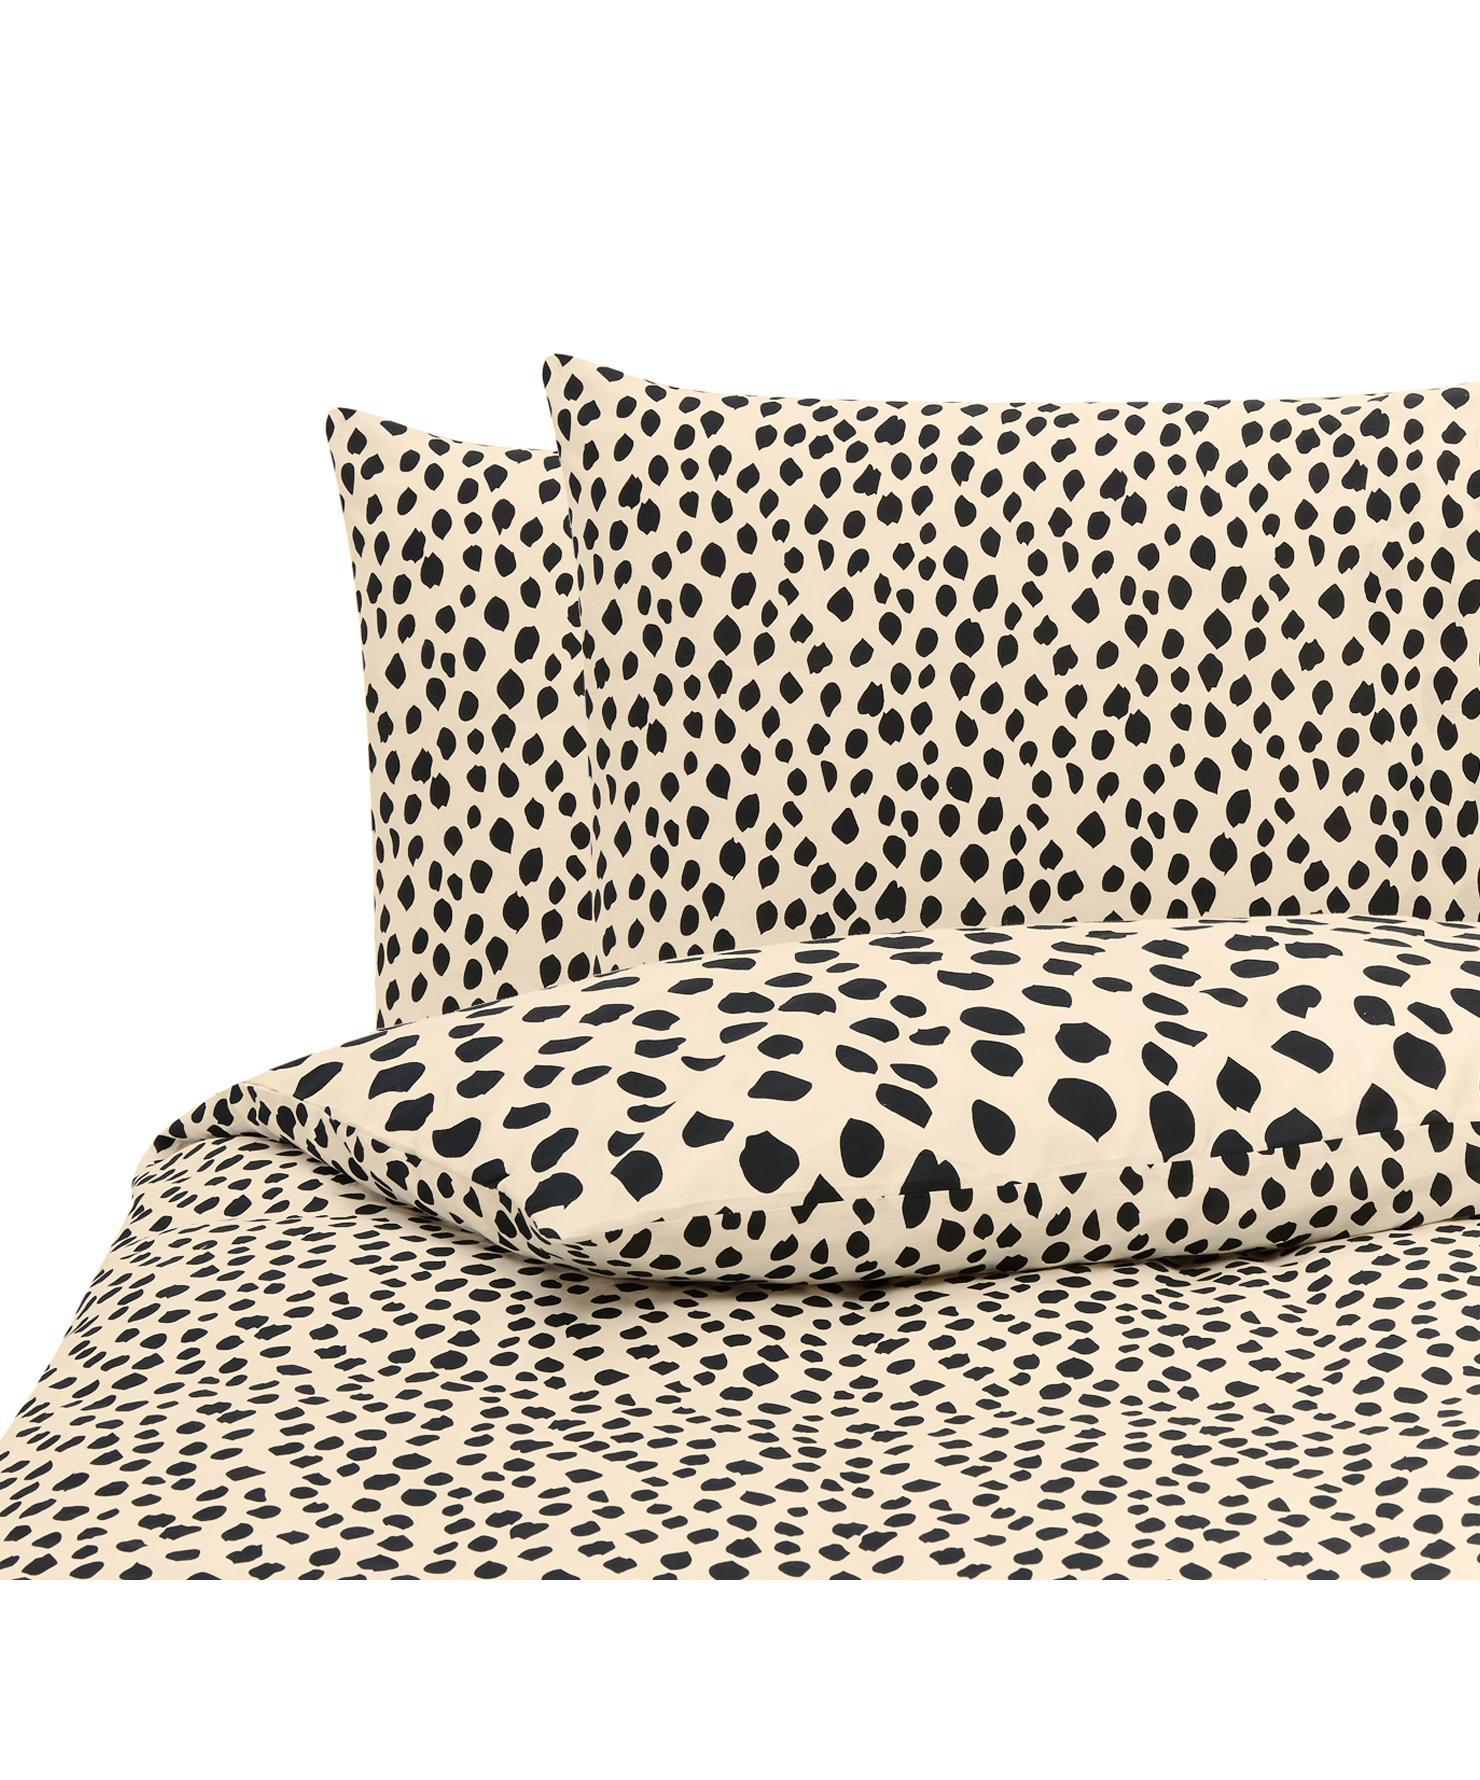 Dekbedovertrek Go Wild, Katoen, Crèmekleurig, zwart, 200 x 220 cm